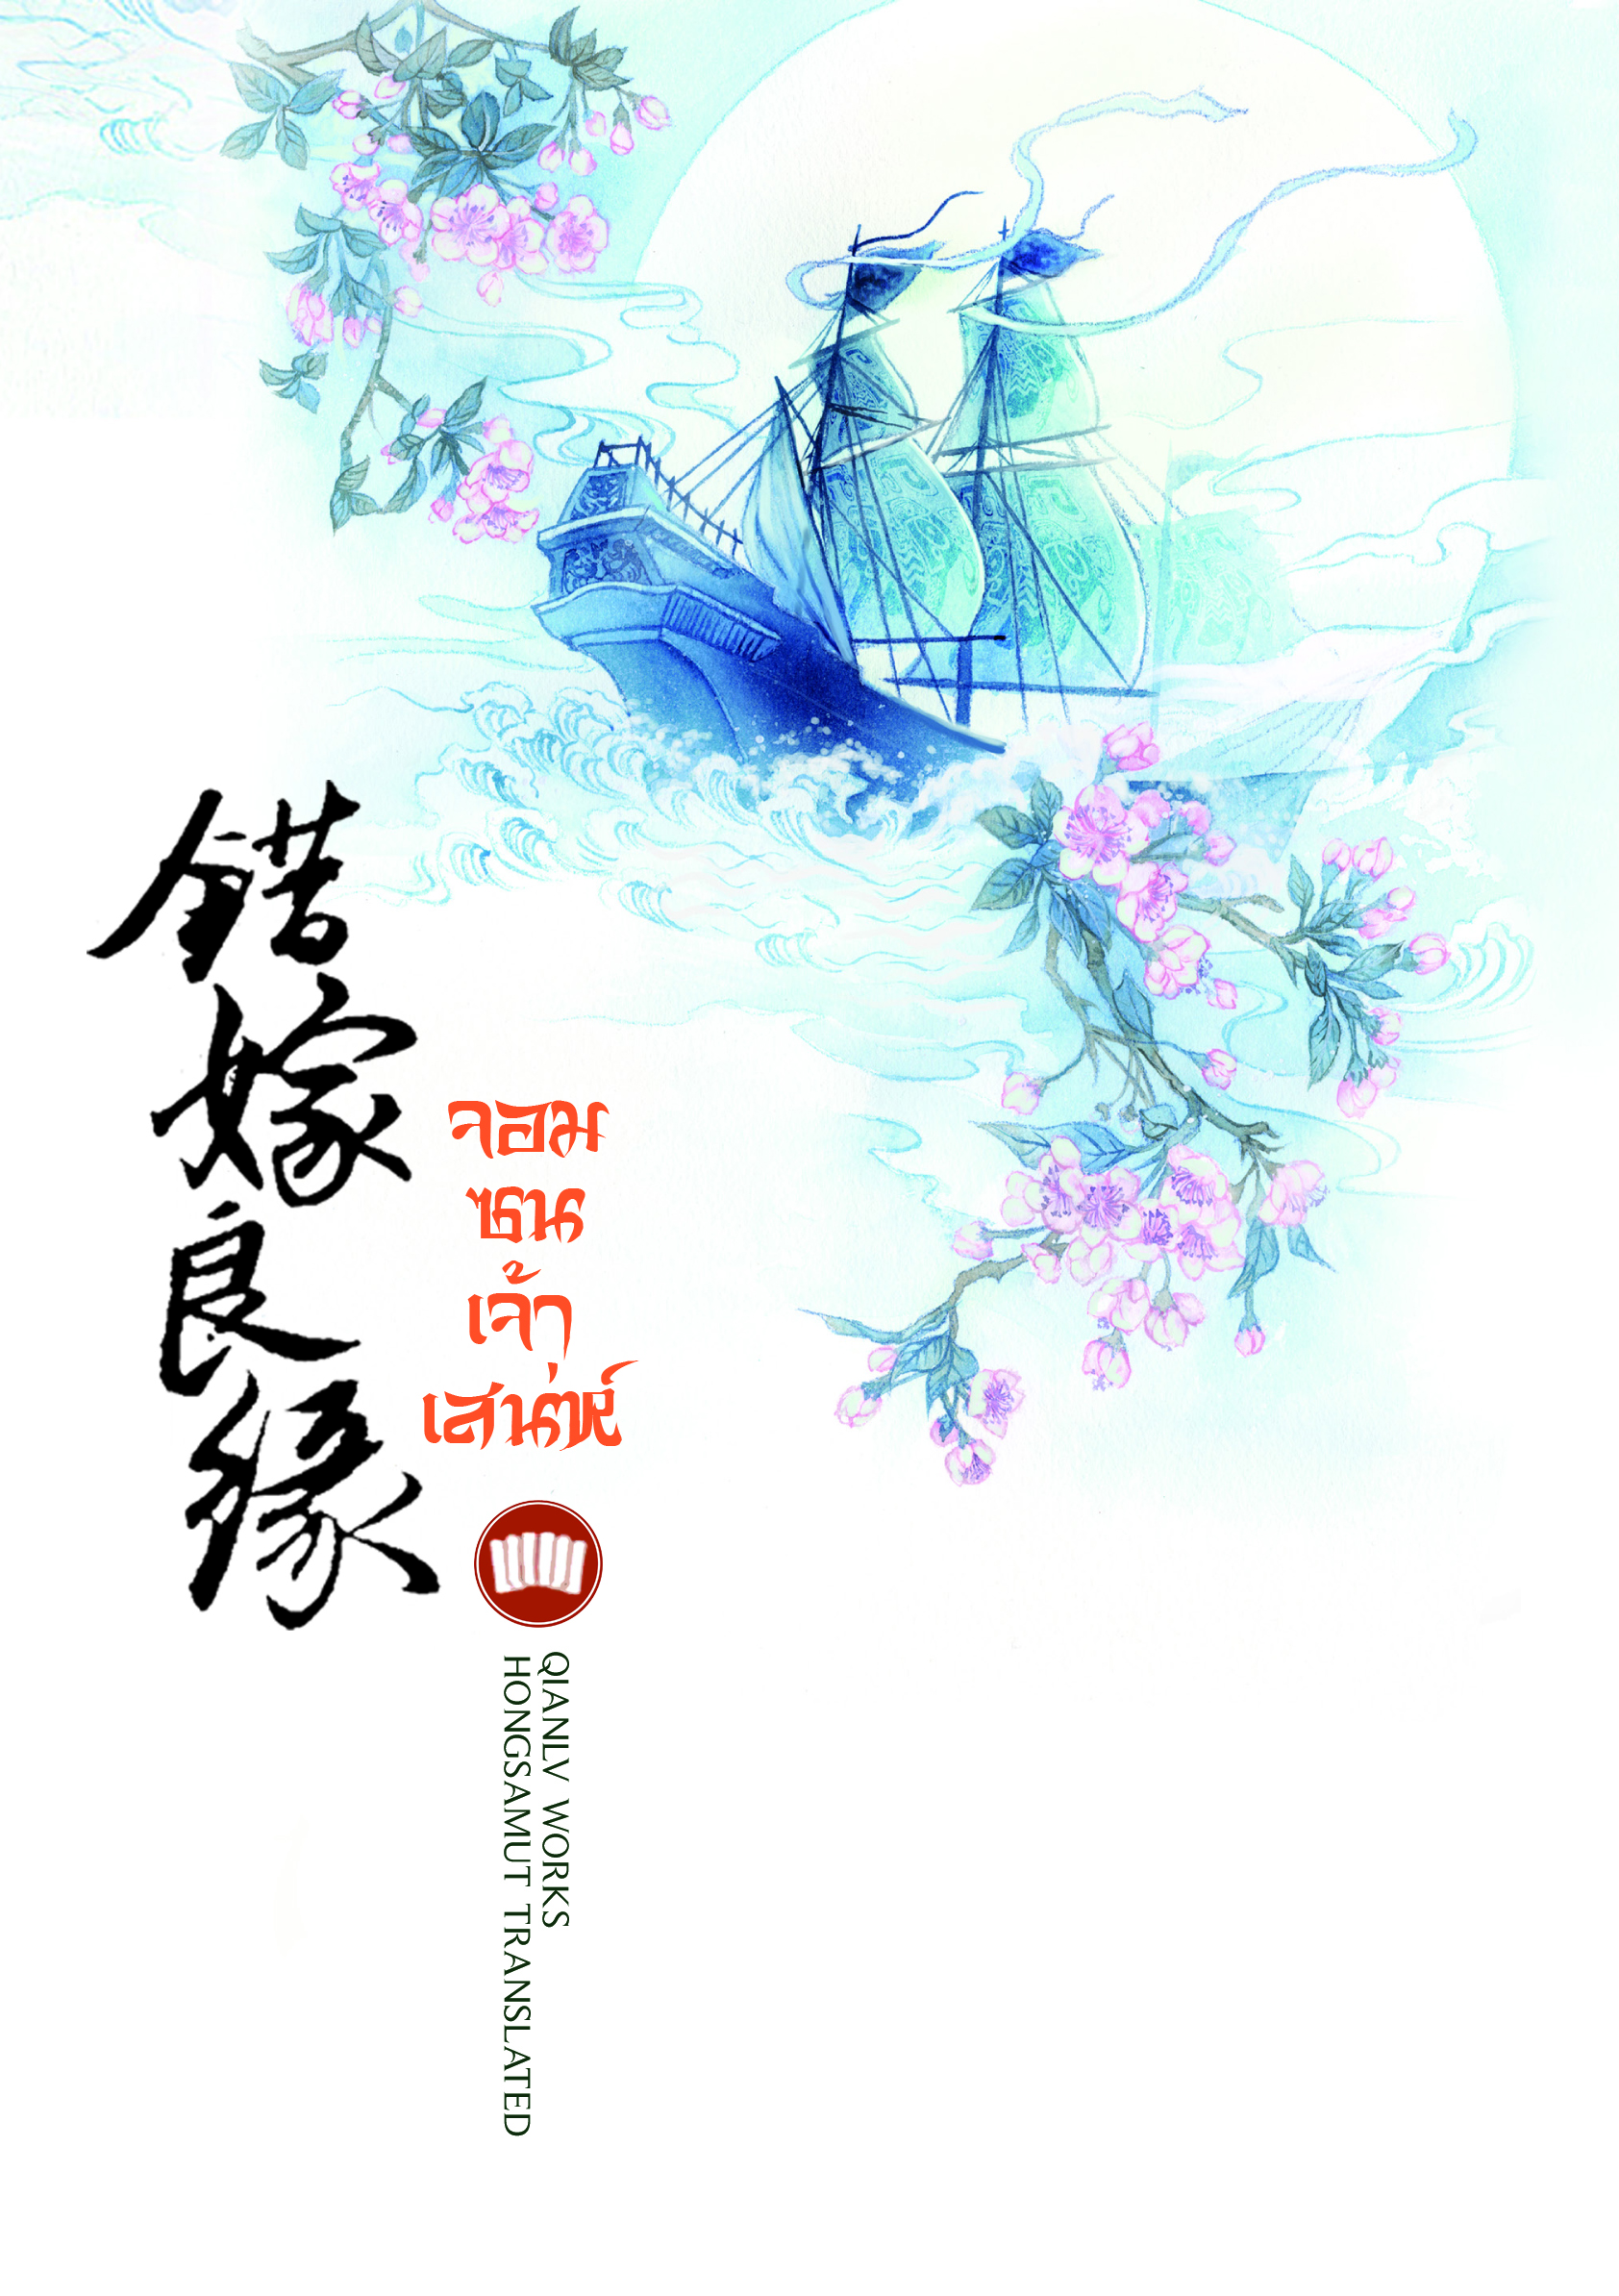 จอมซนเจ้าเสน่ห์ (ปกแข็ง 2 เล่มจบ) / เฉียนลู่ เขียน, ห้องสมุด แปล *หนังสือใหม่/มือหนึ่ง ฟรีปก พร้อมส่ง